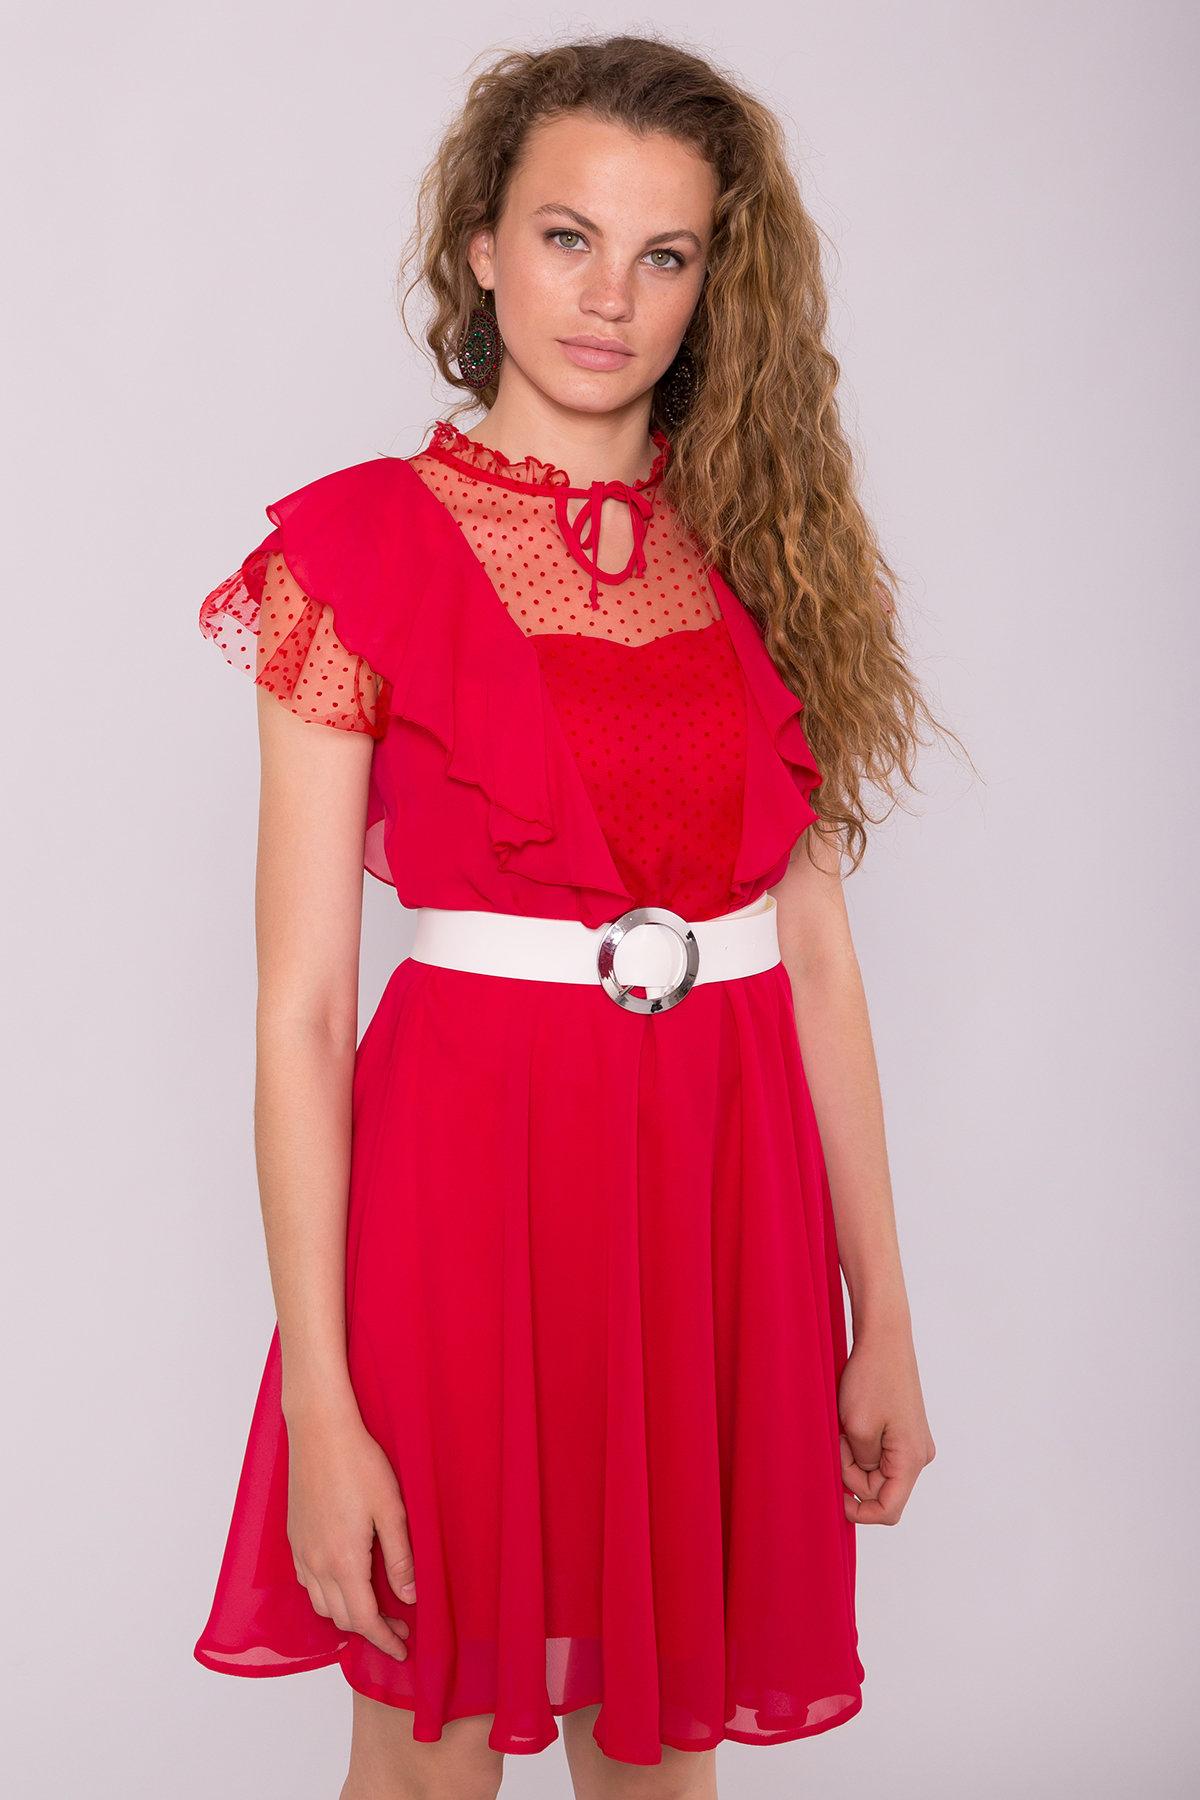 Платье Дали 6992 АРТ. 42834 Цвет: Красный 12 - фото 3, интернет магазин tm-modus.ru